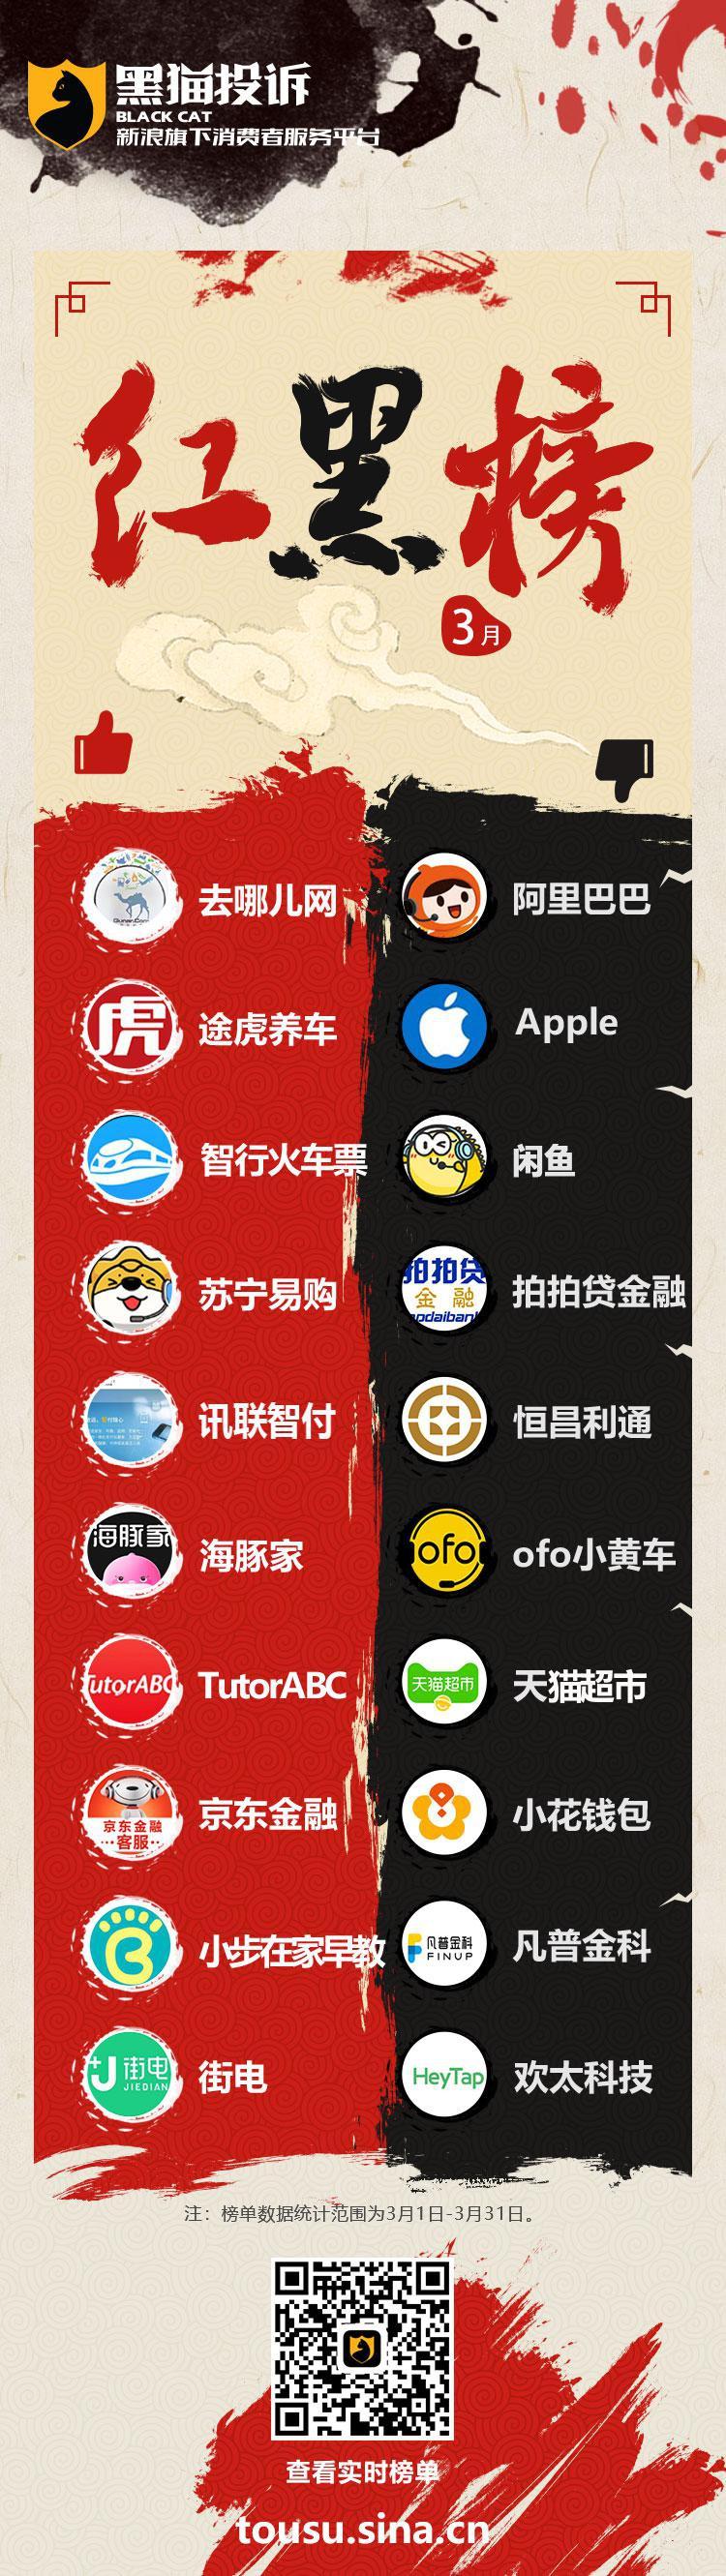 3月黑猫投诉企业红黑榜:欢太科技进入月度黑榜前十